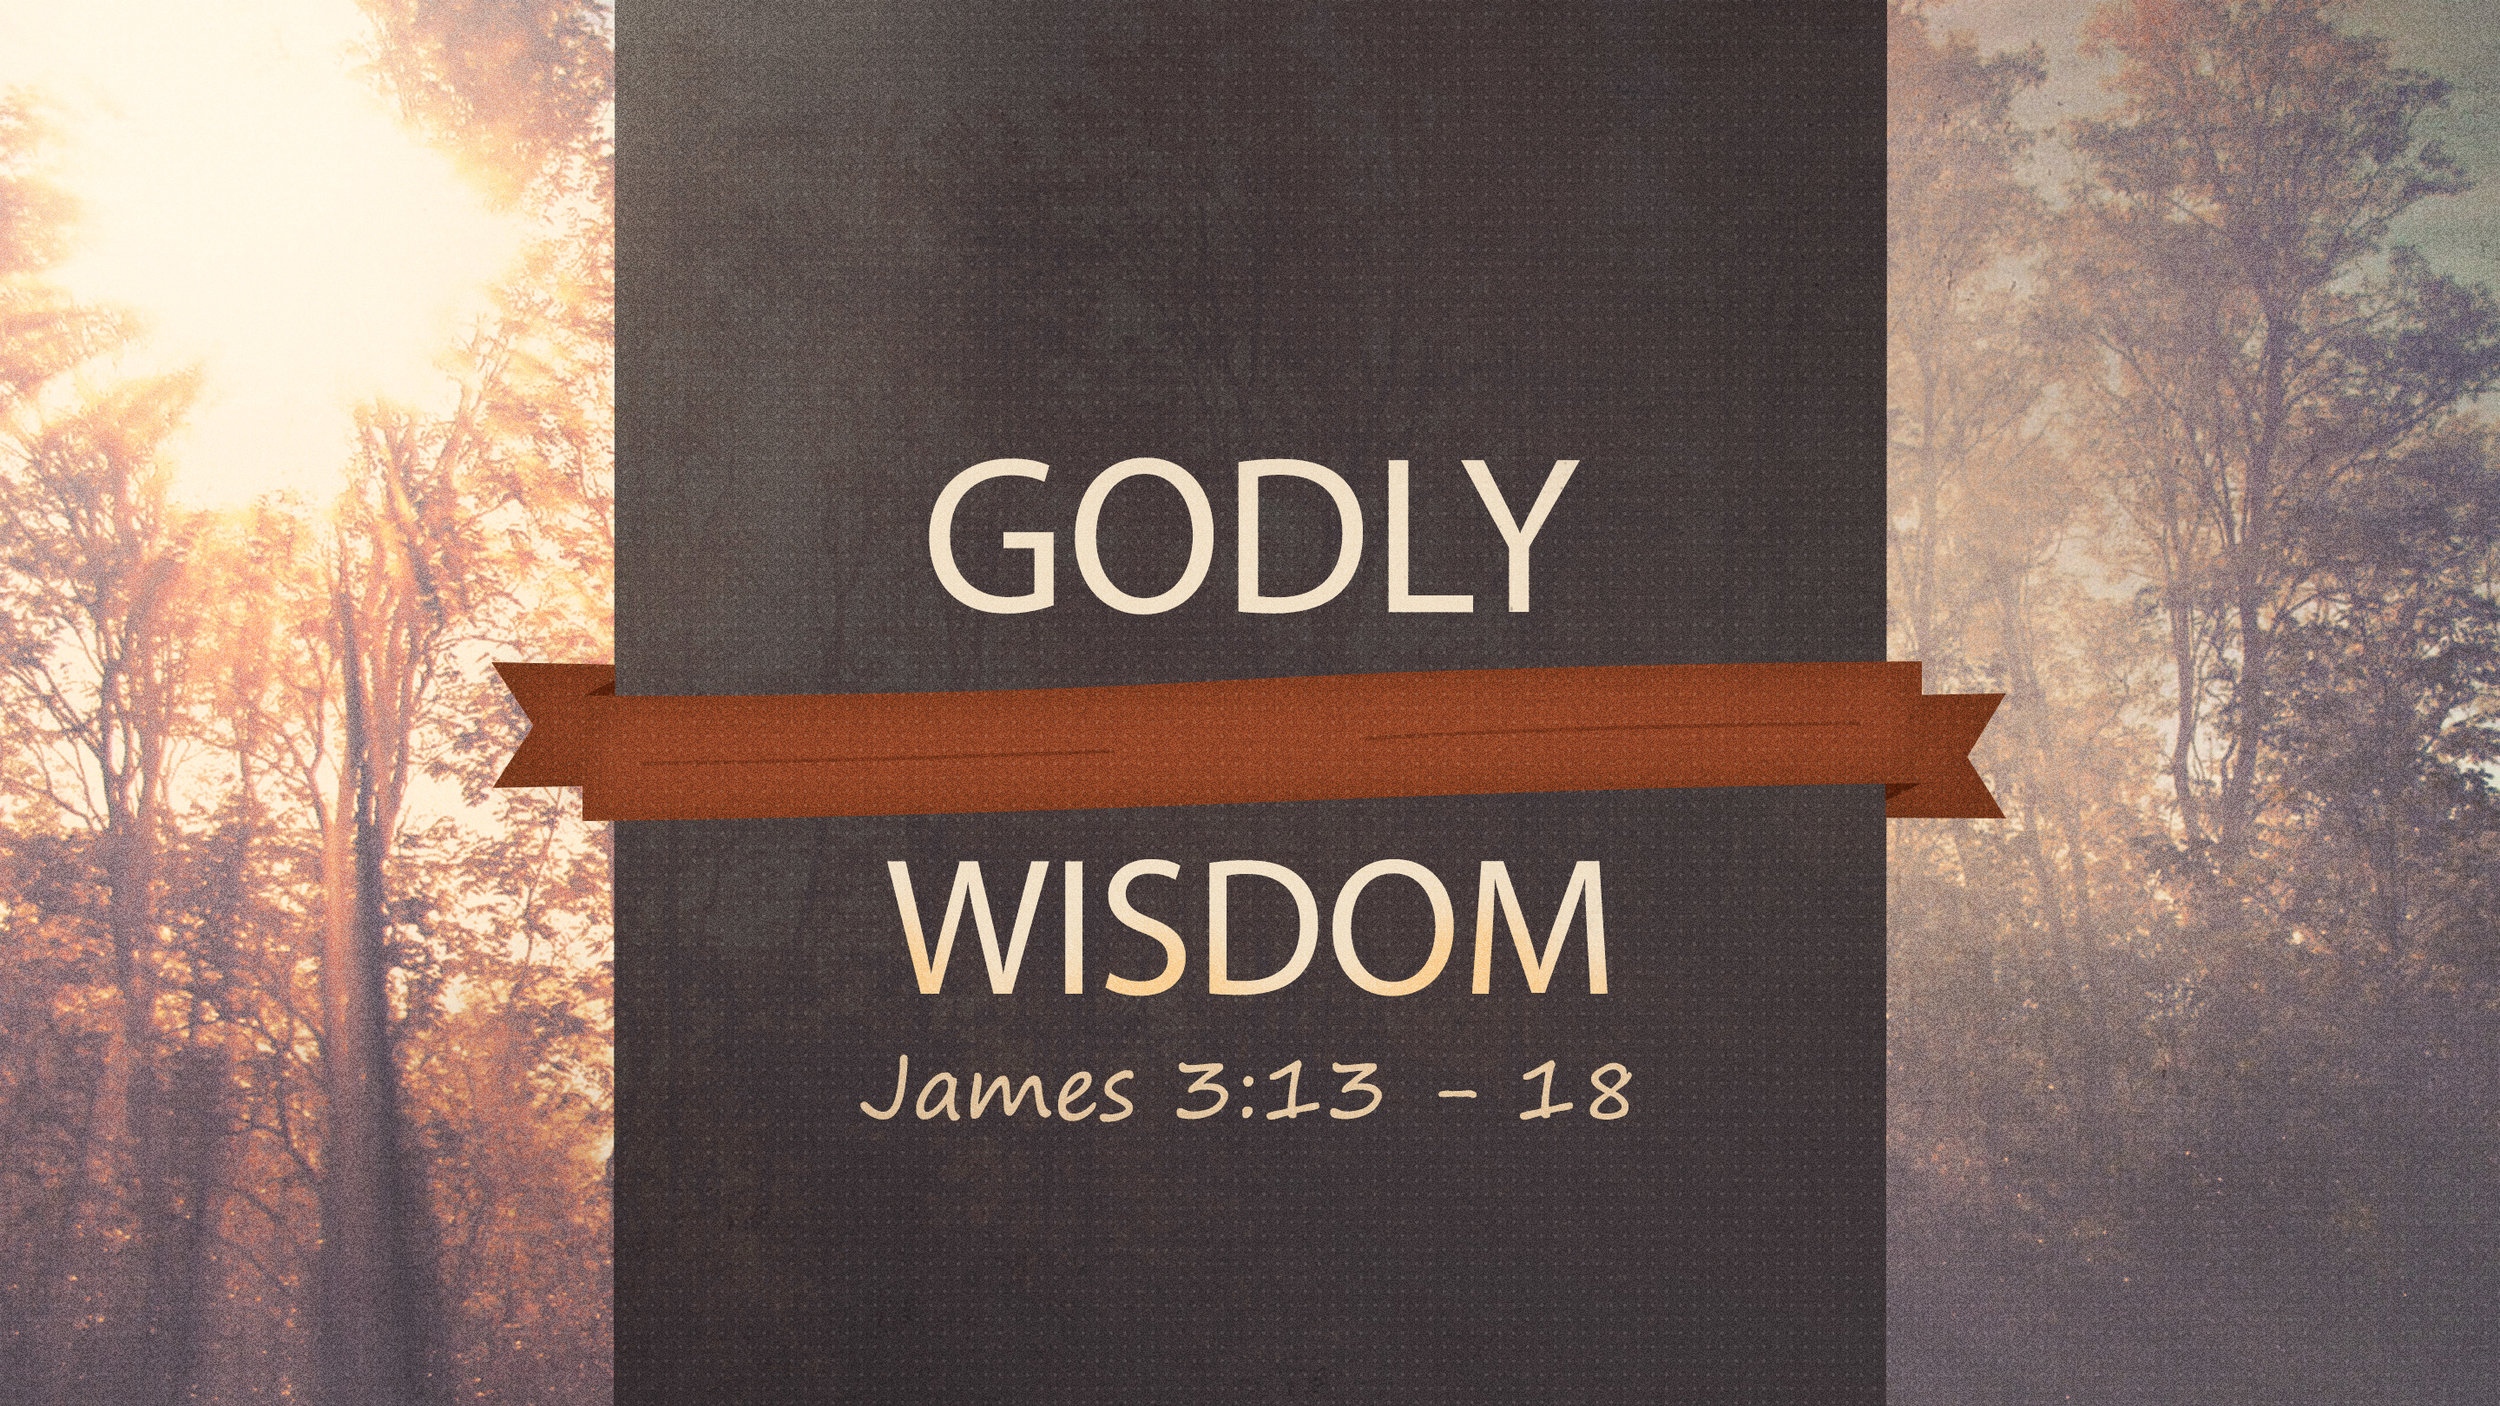 godly wisdom.jpg